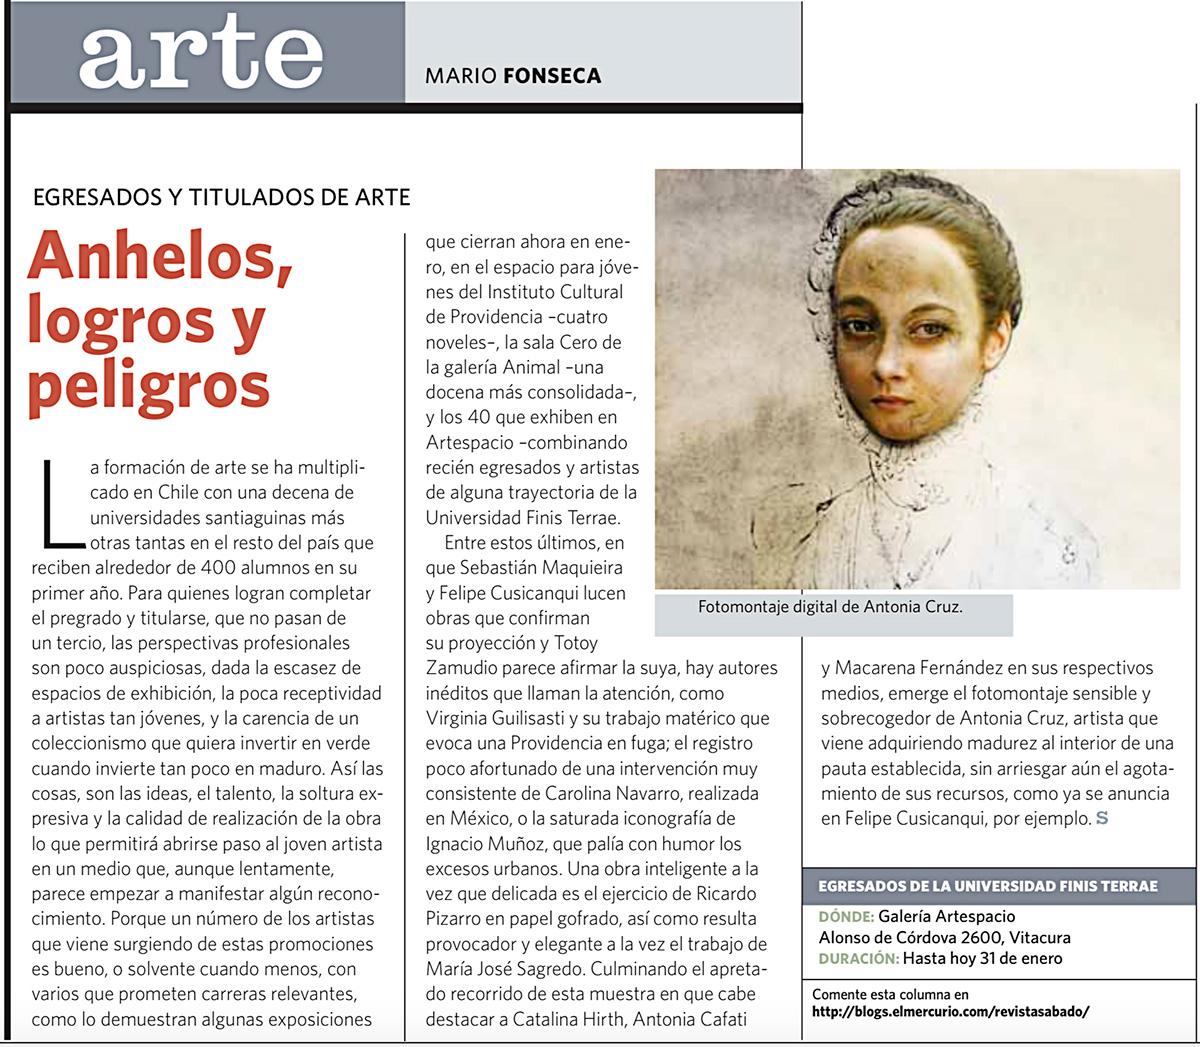 """Exposición """"Territorios de papel y Escenas Cotidianas"""", El Mercurio, Revista Sabado"""